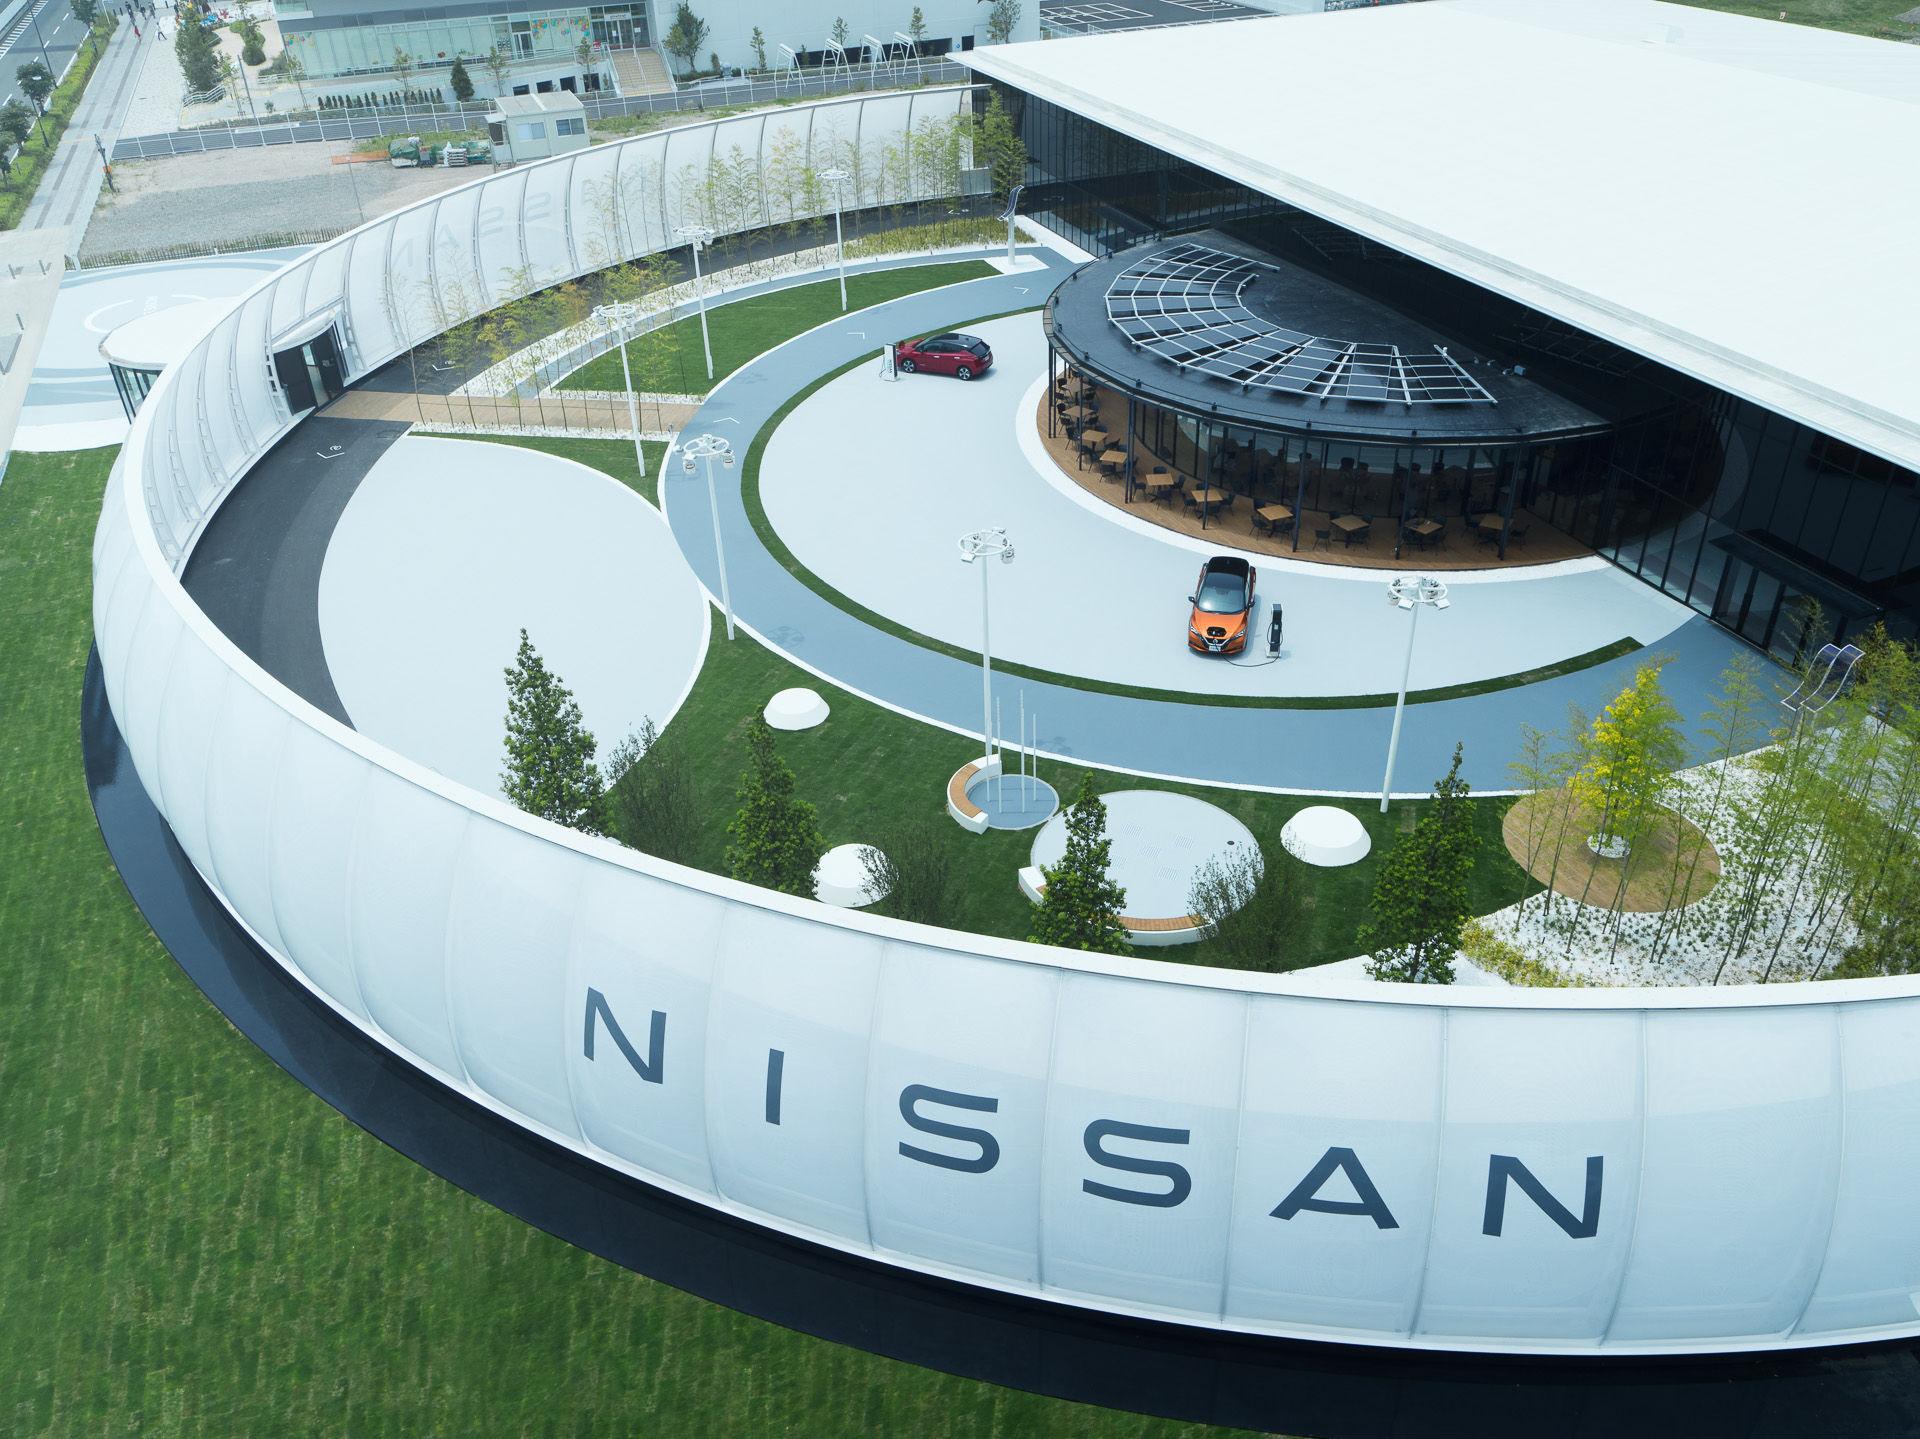 Nissan-Pavilion-2